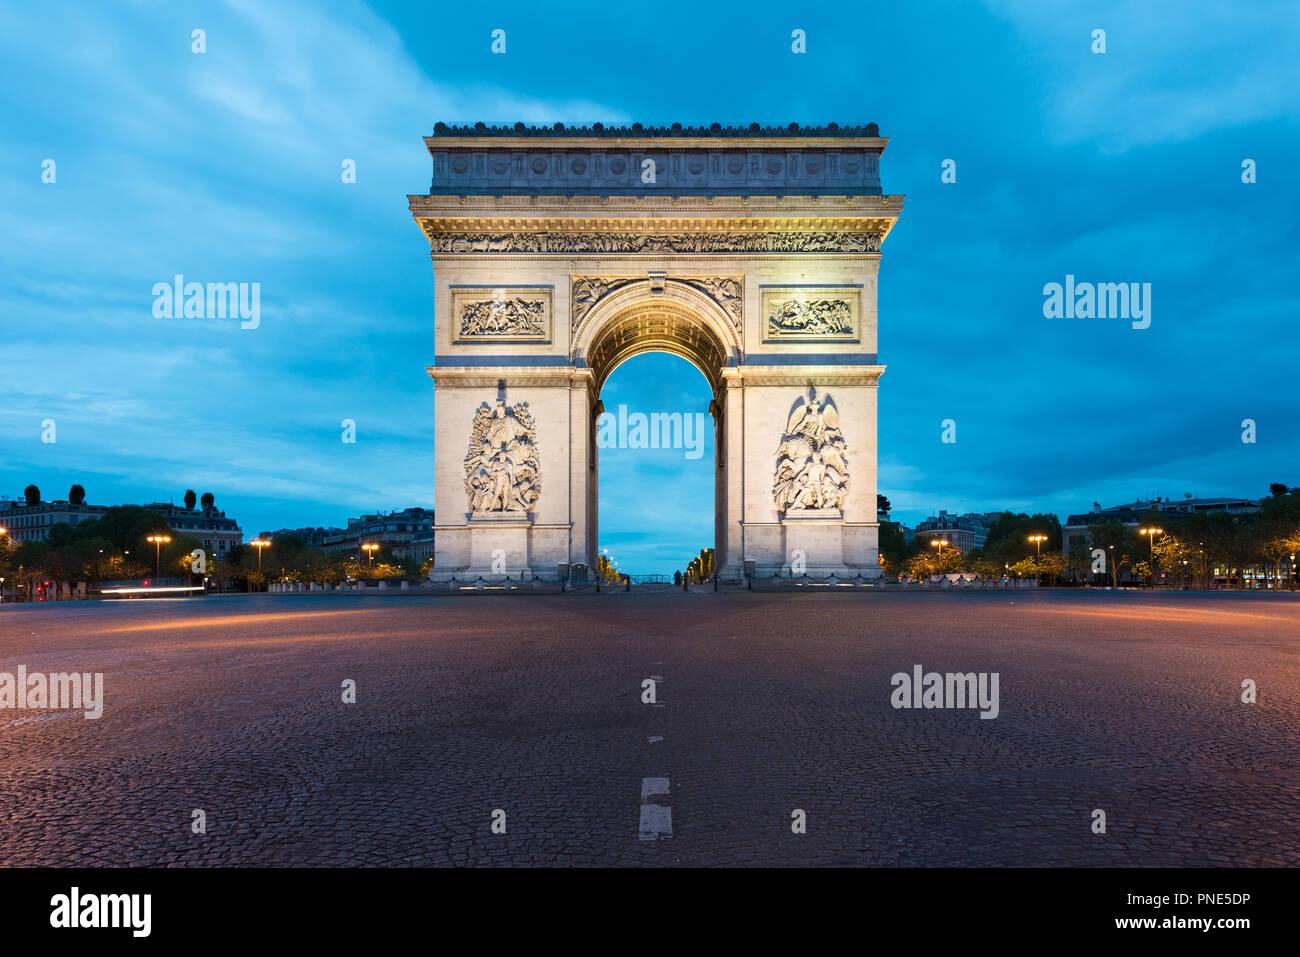 Arc de Triomphe et des Champs Elysées, les points de repère dans le centre de Paris, dans la nuit. Paris, France Photo Stock